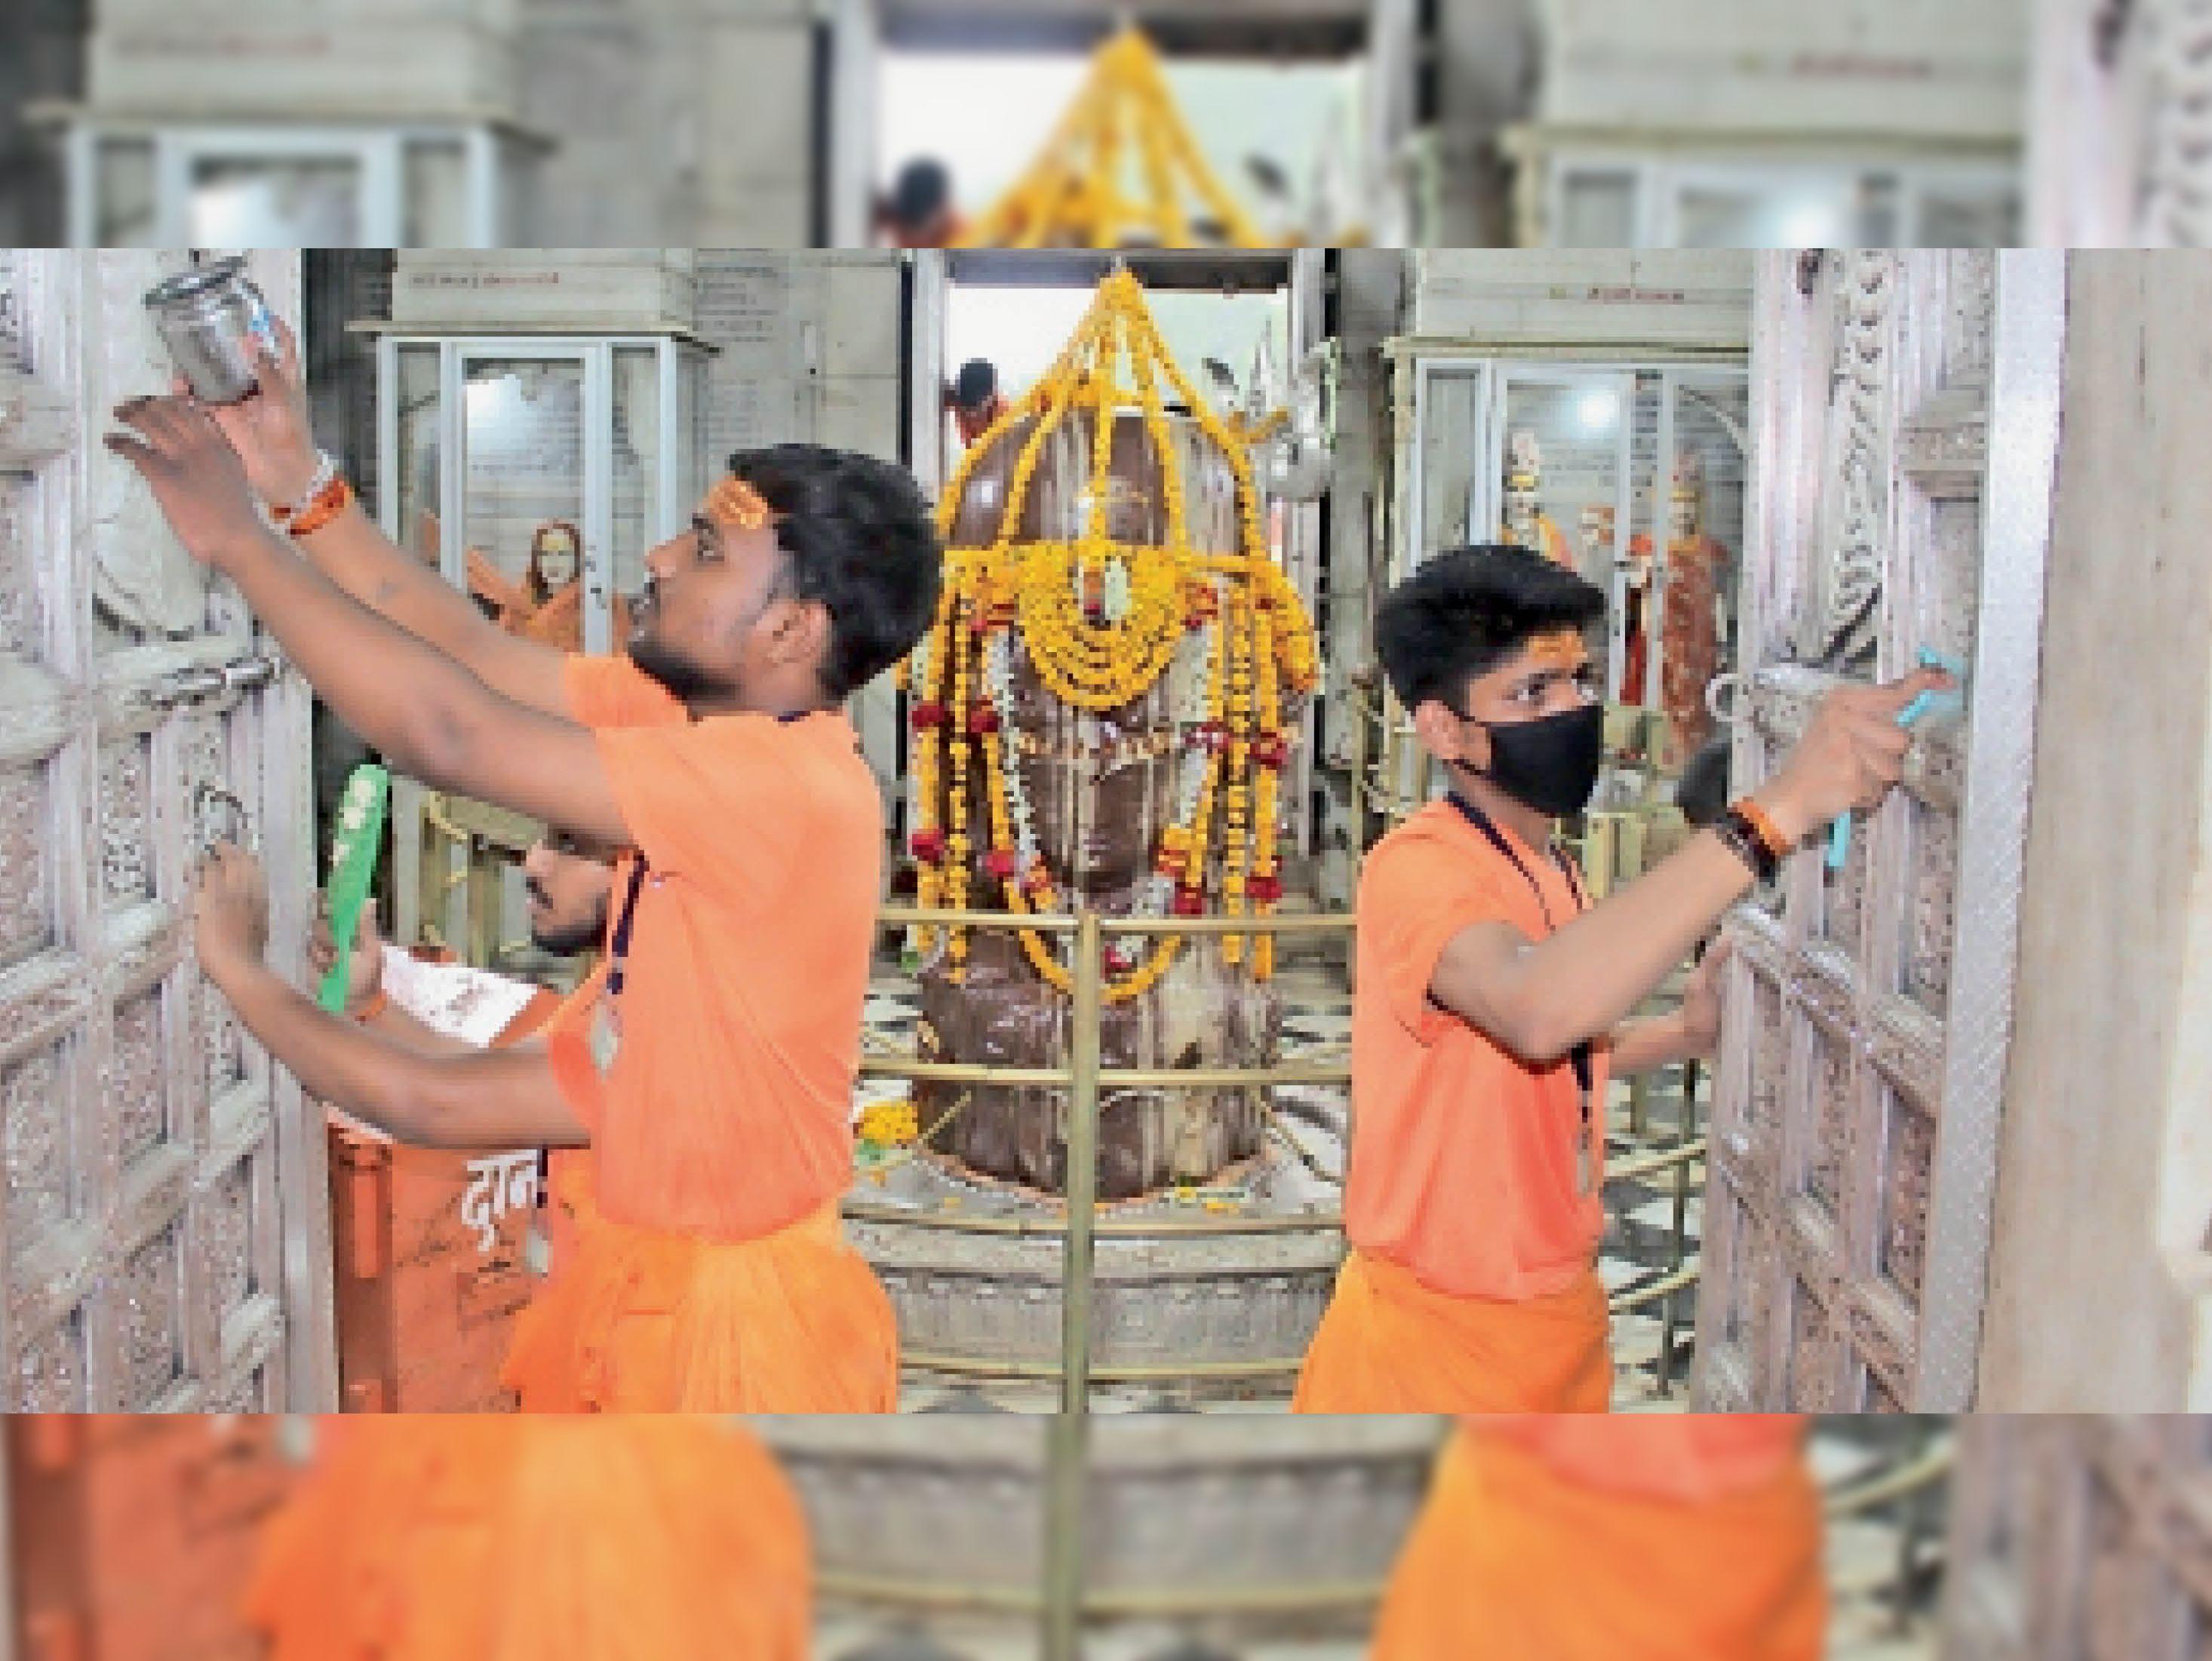 सावन के लिए पशुपतिनाथ मंदिर पर साफ-सफाई और सजावट की जारी है। - Dainik Bhaskar